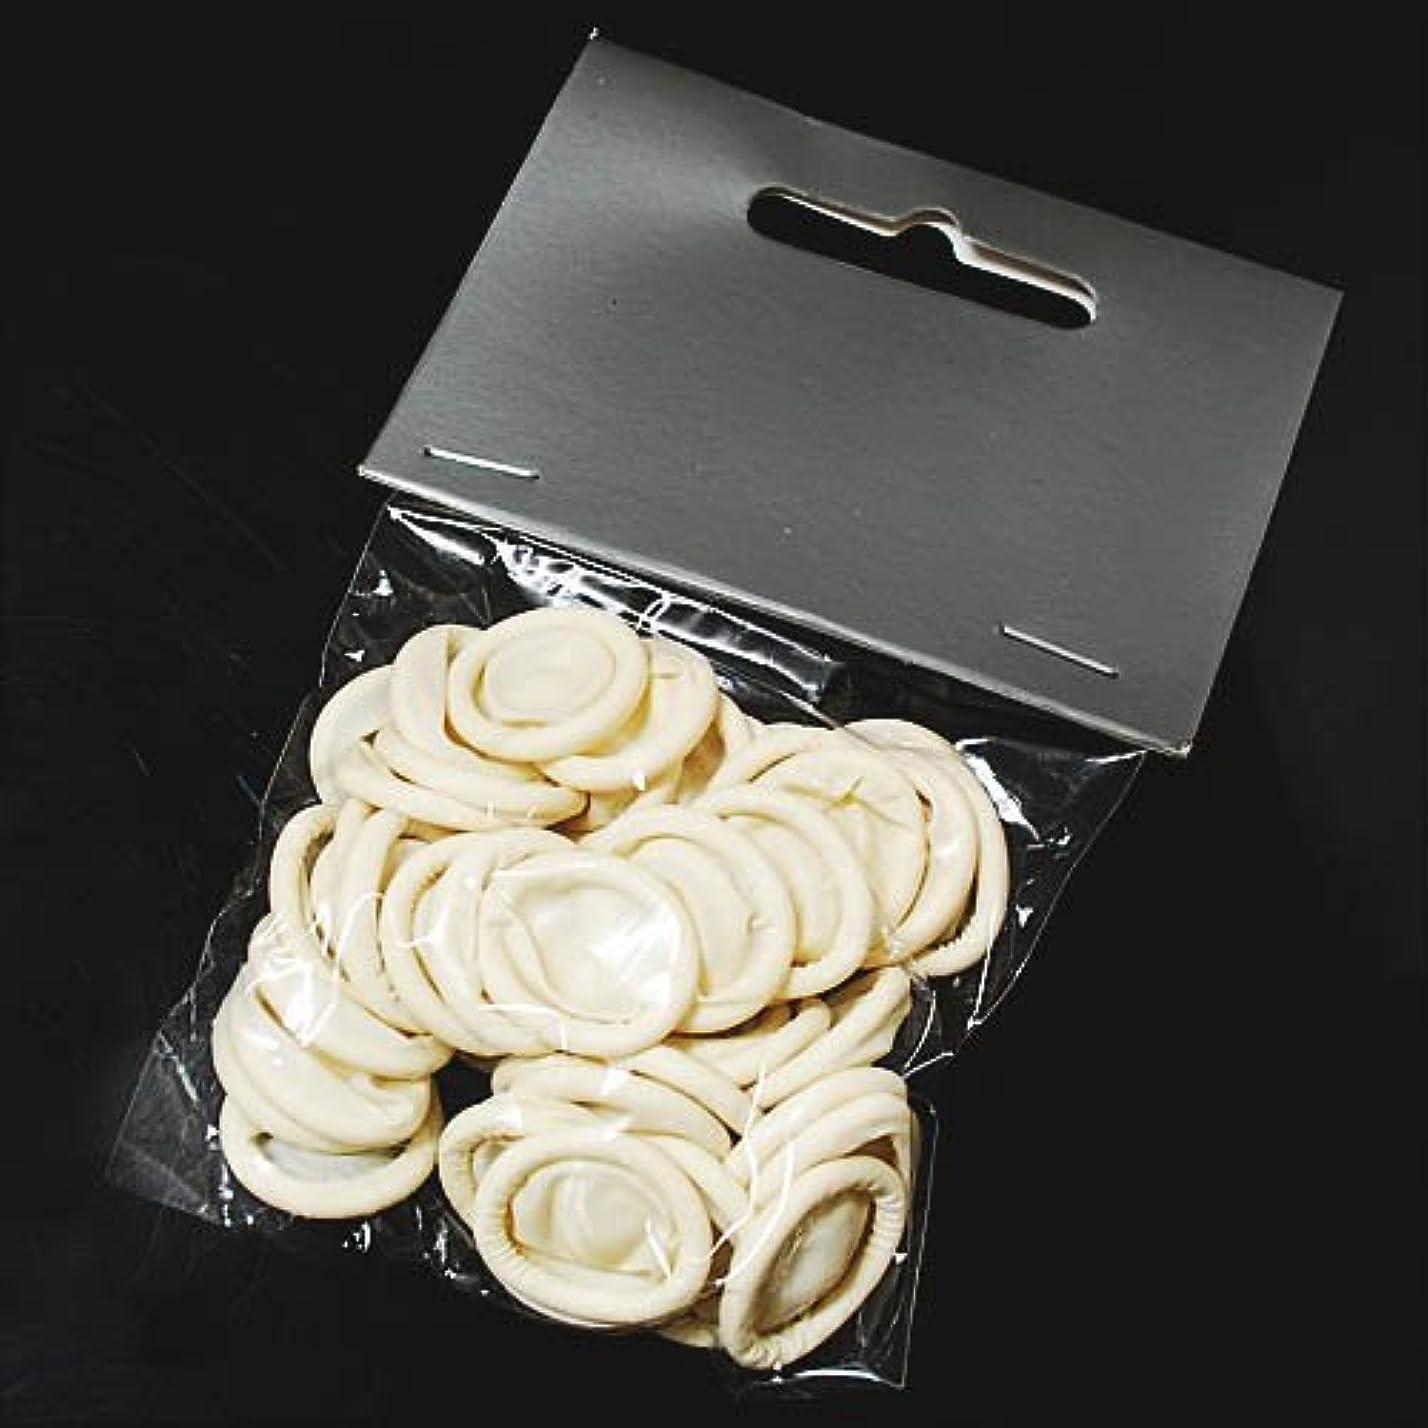 リアルきゅうり細断ジェルネイル のオフに使える ジェルネイルオフカバー [50個] フィンガーキャップ